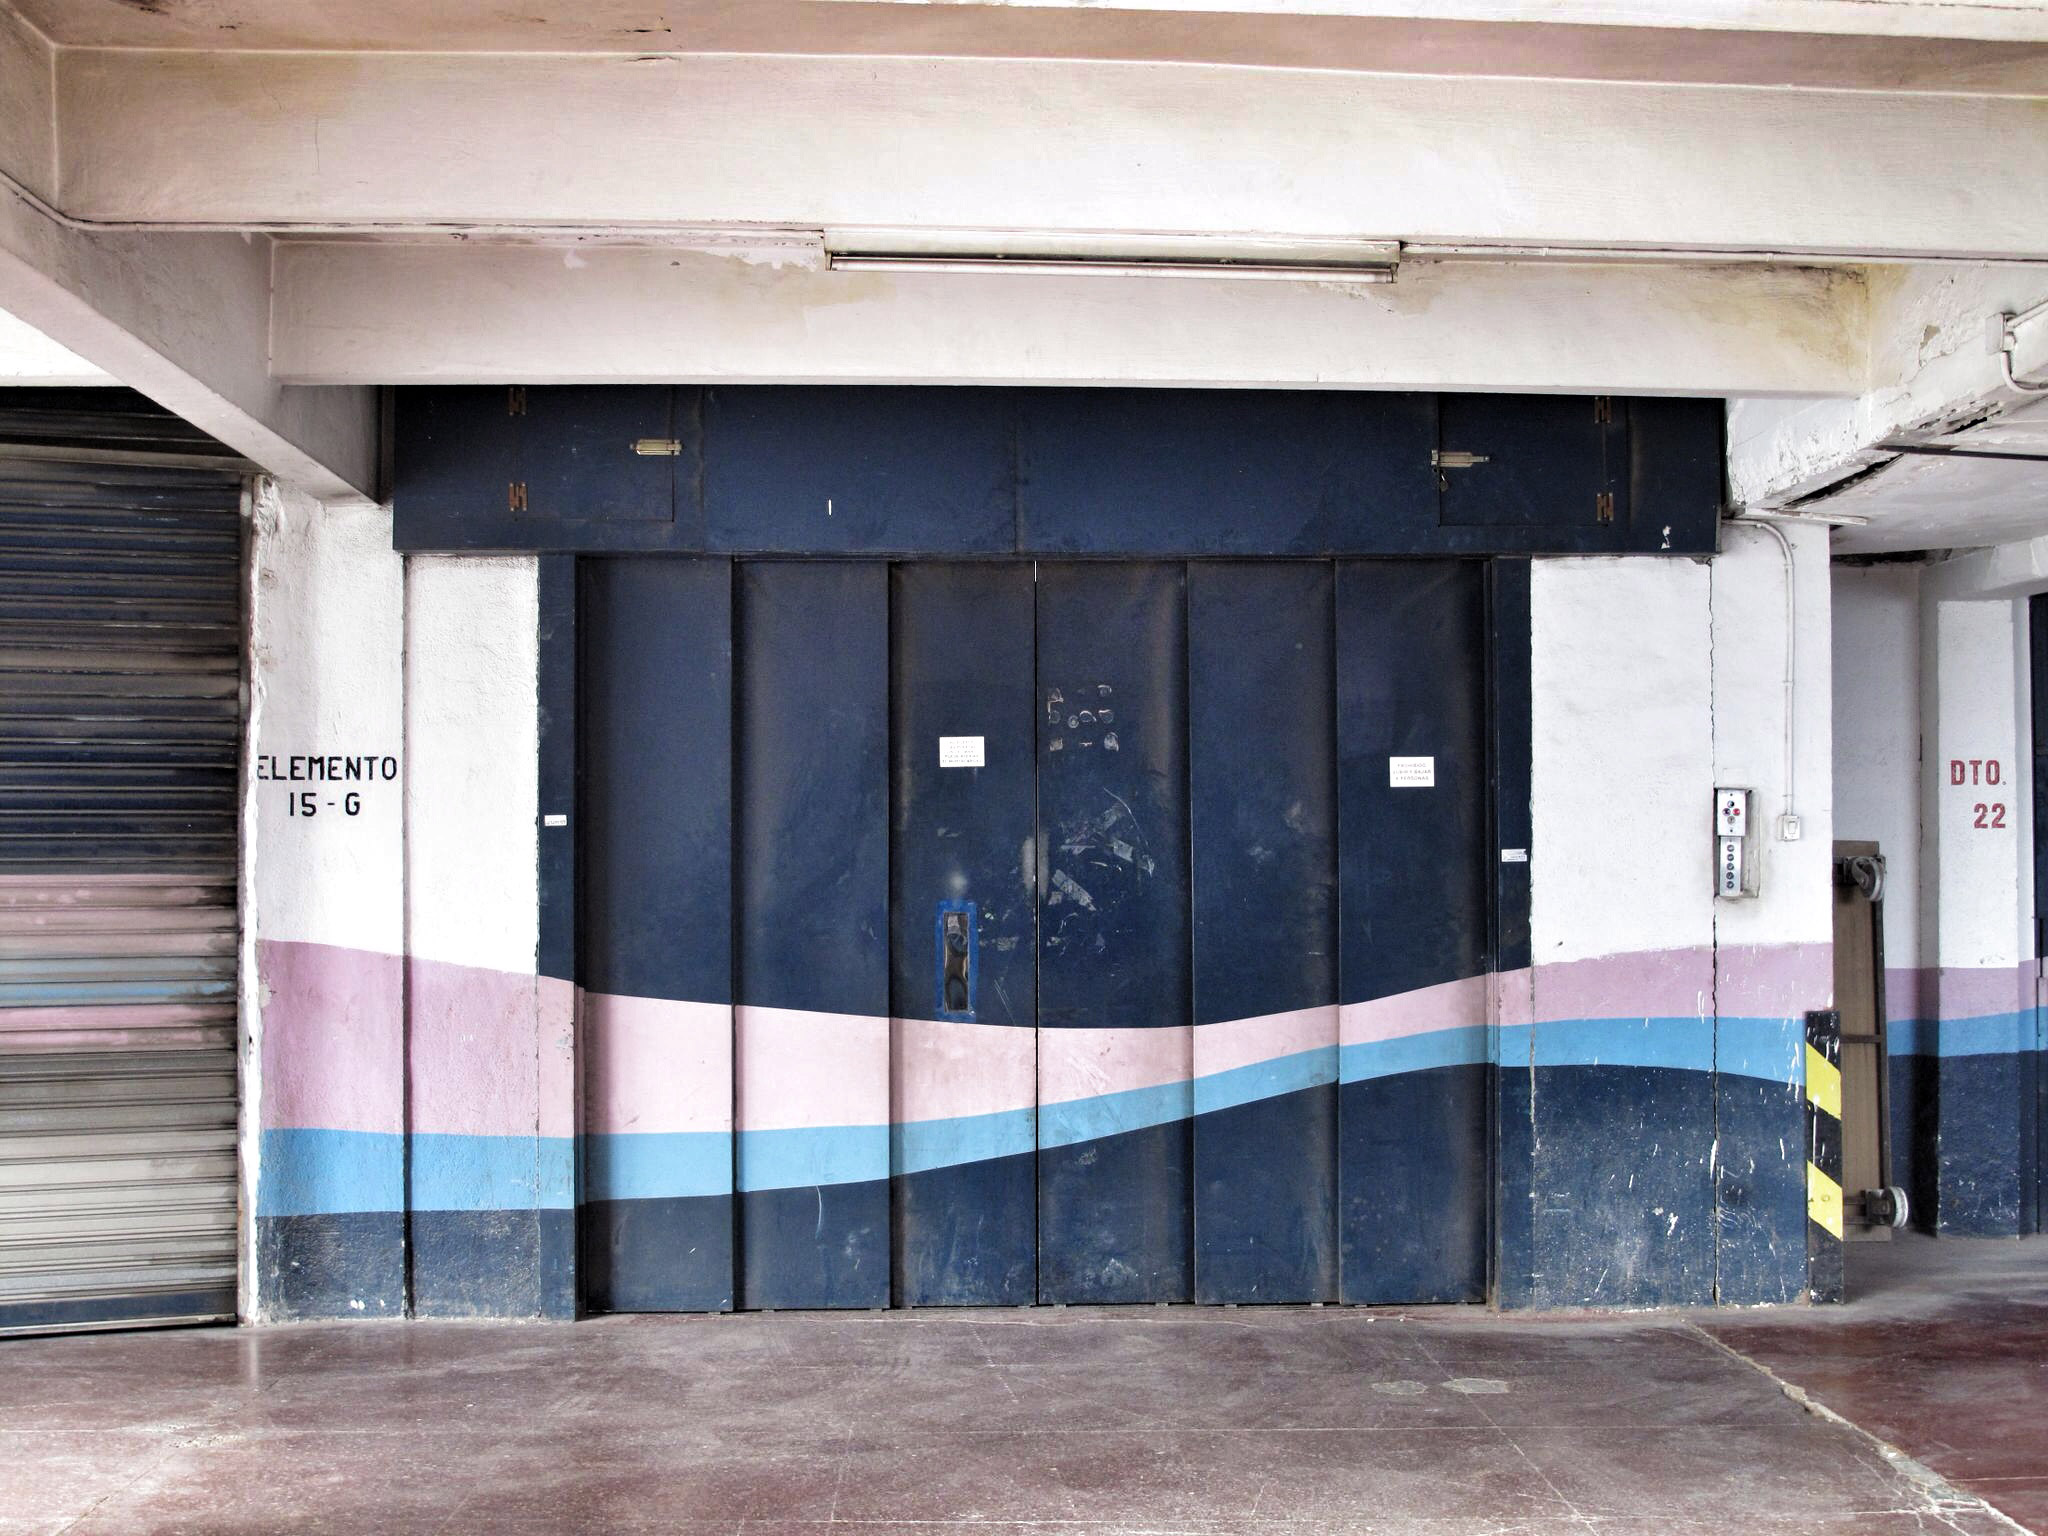 fábrica artiach_reutilización_rehabilitación_vida_open colectiboa.jpg